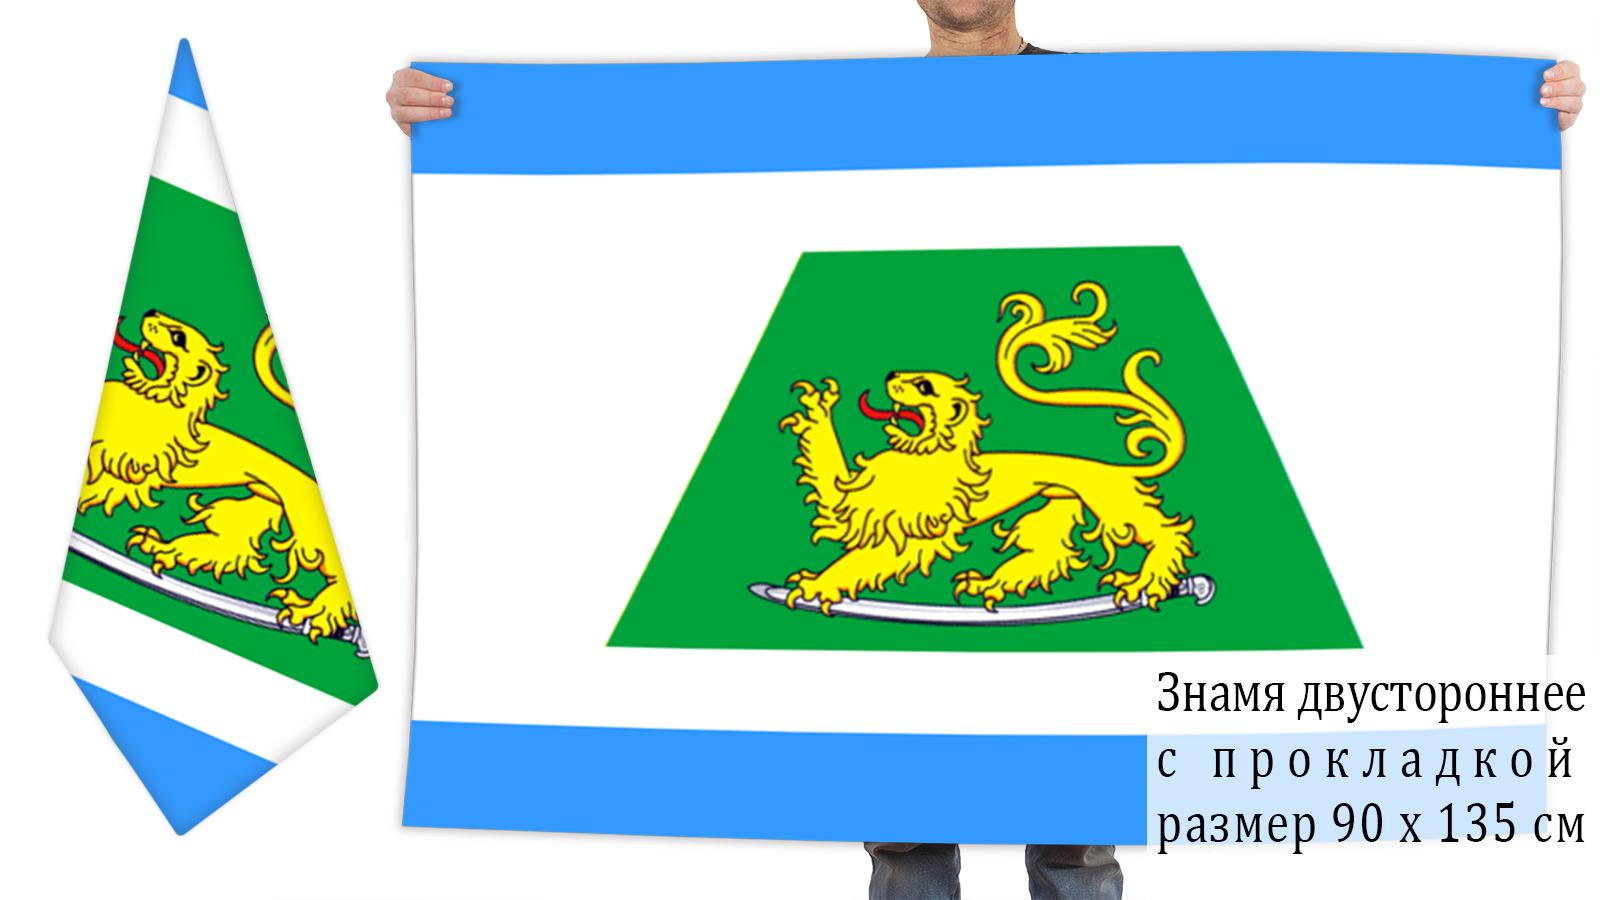 Двусторонний флаг Северского района